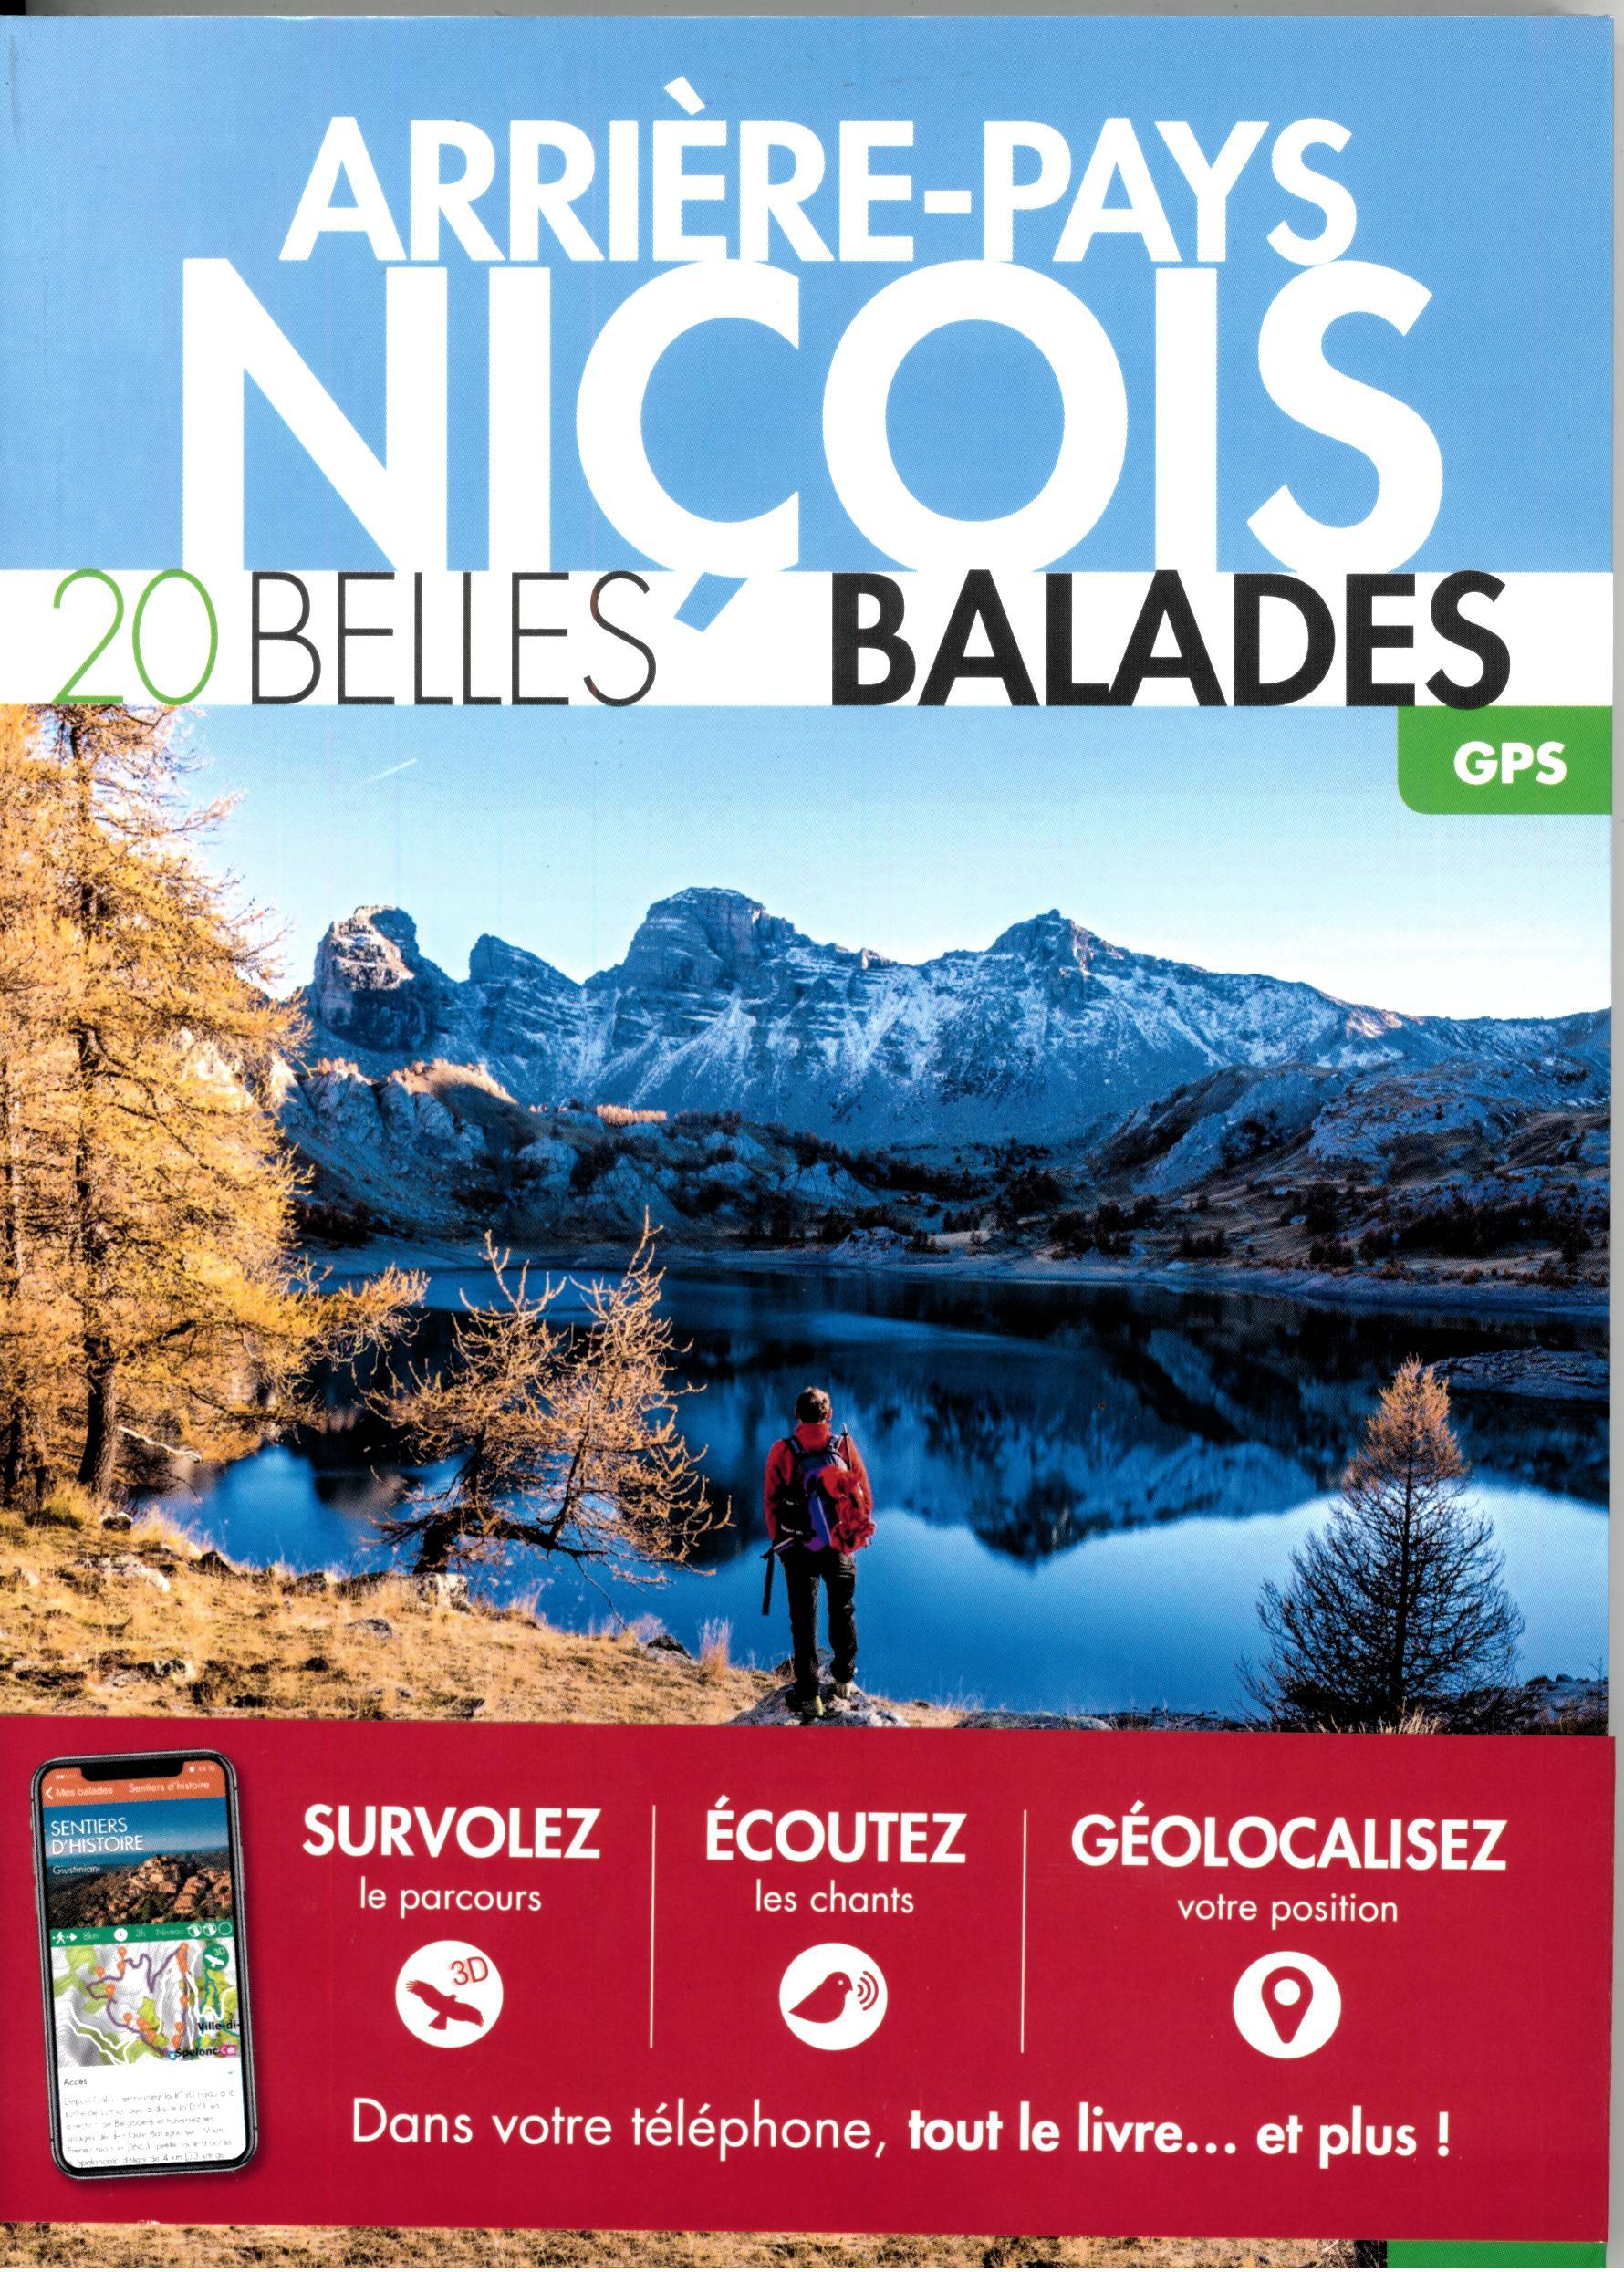 ARRIERE PAYS NICOIS 20 BELLES BALADES